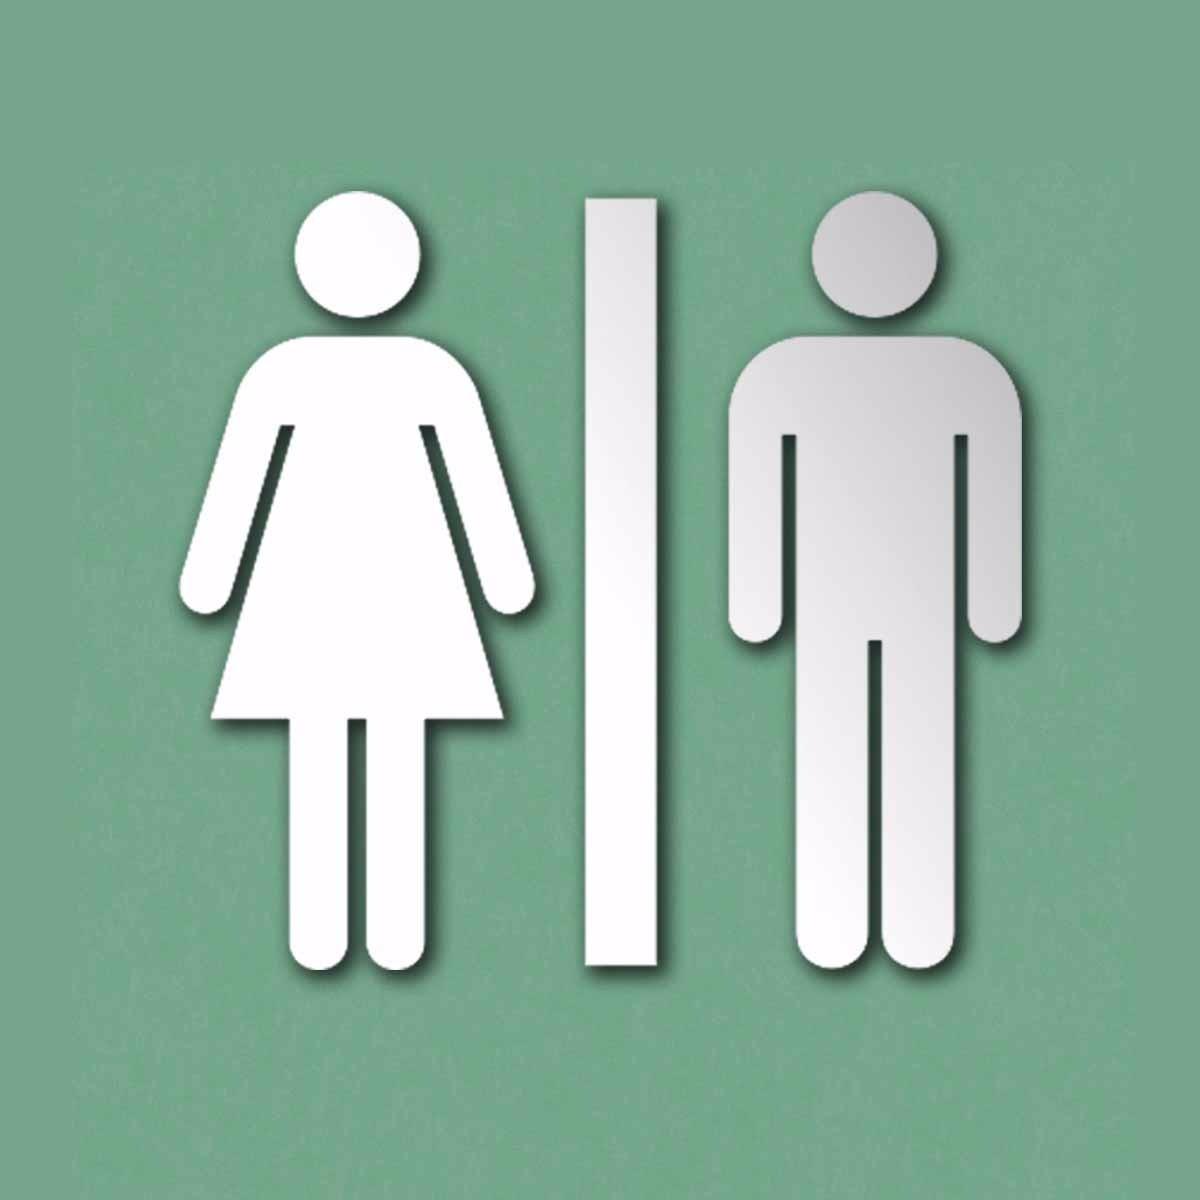 Imagens De Banheiro Para Colorir : Placa indicativa sinaliza??o banheiro acr?lico espelhado